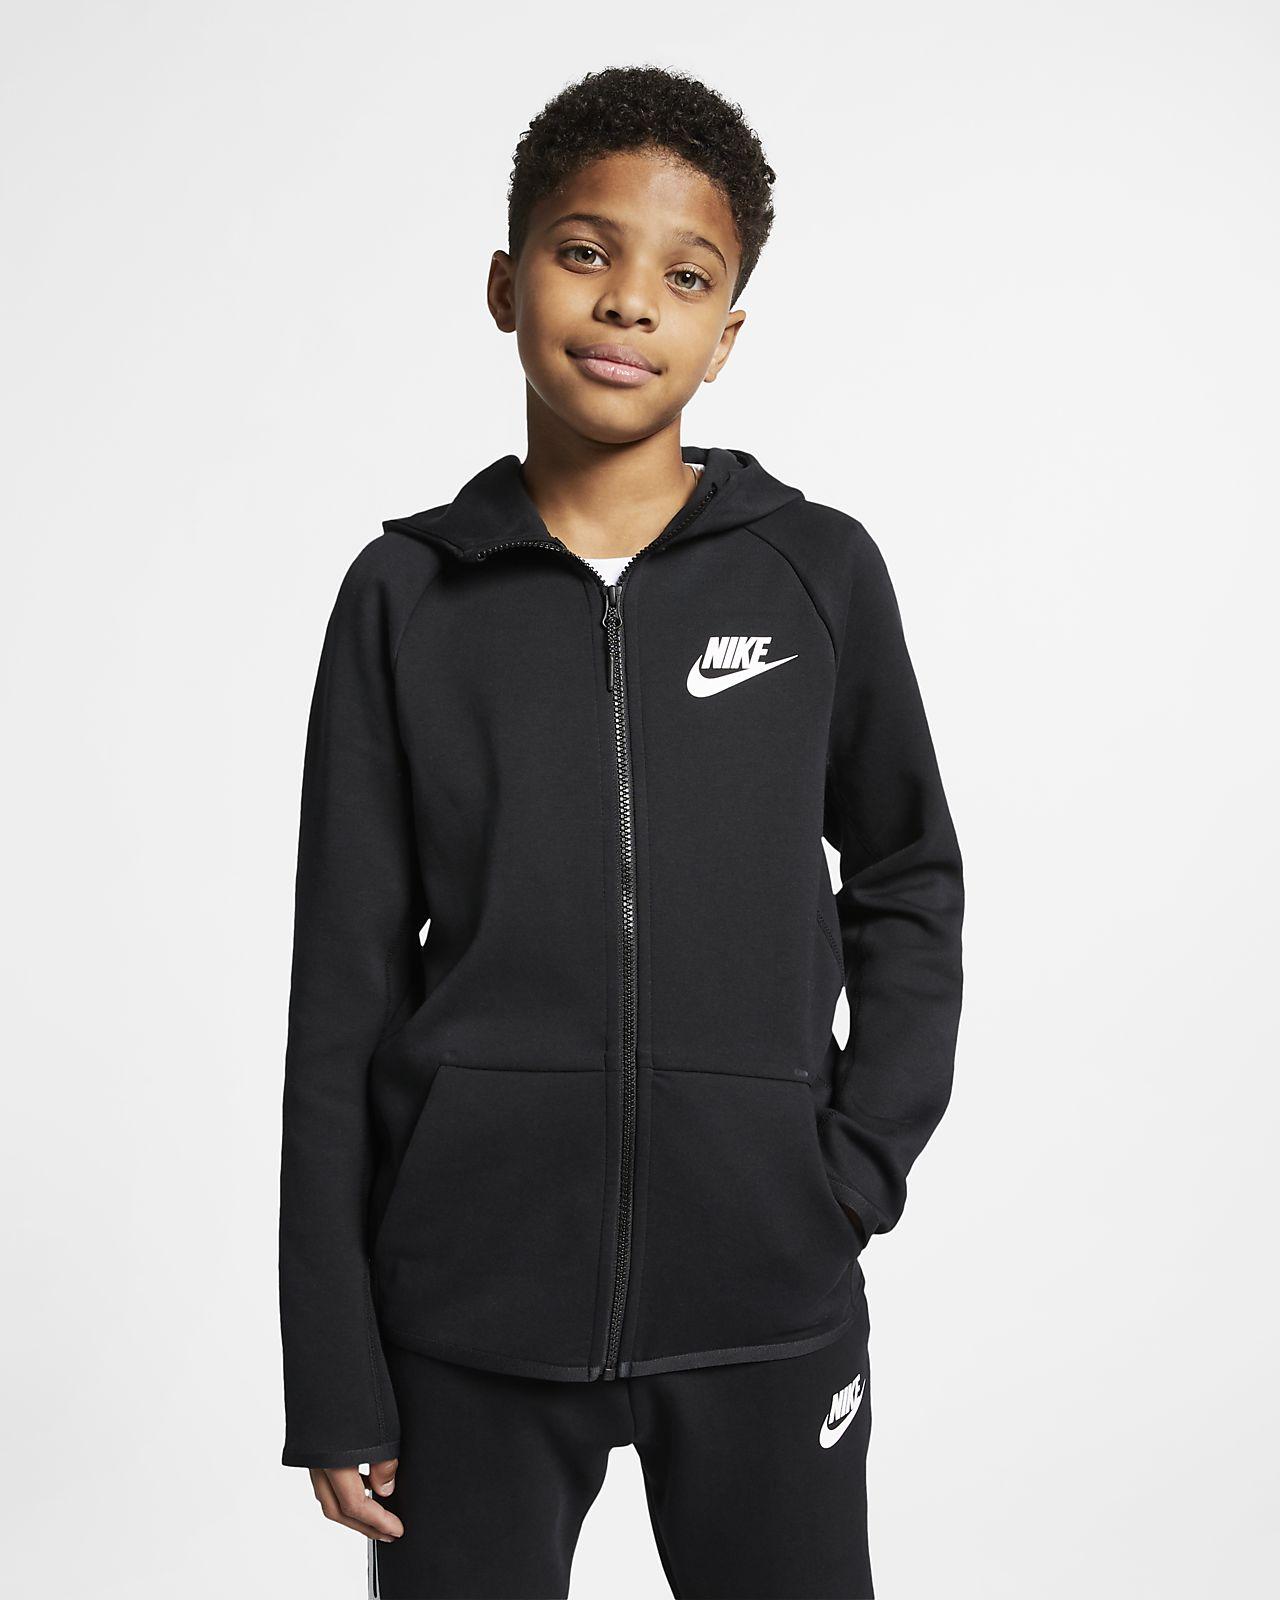 Nike Sportswear Tech Fleece Older Kids' Full Zip Jacket